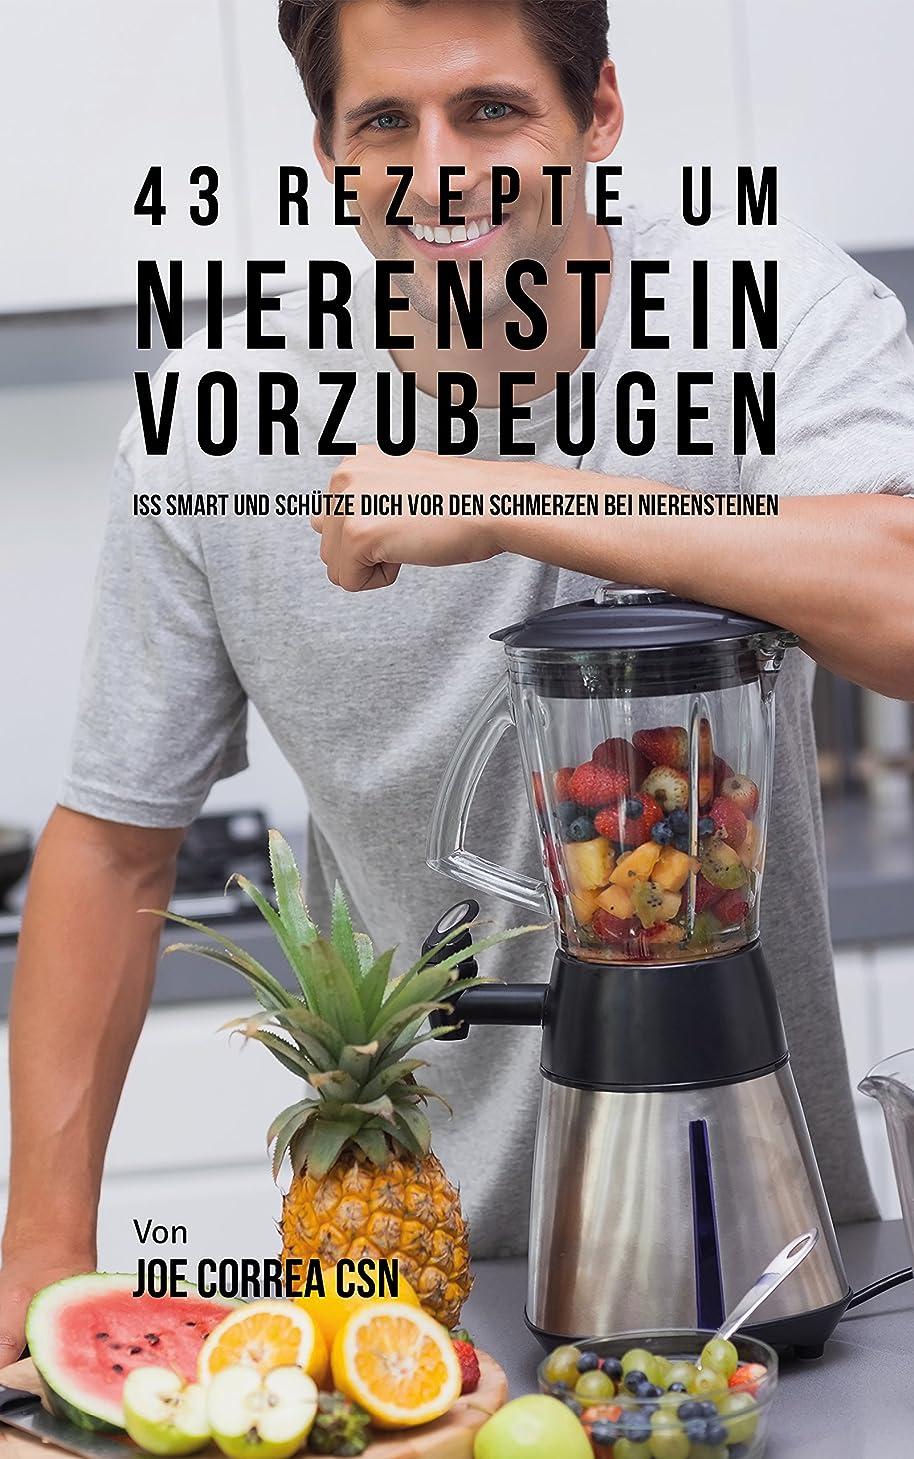 43 Rezepte um Nierenstein vorzubeugen: Iss smart und schütze dich vor den Schmerzen bei Nierensteinen (German Edition)